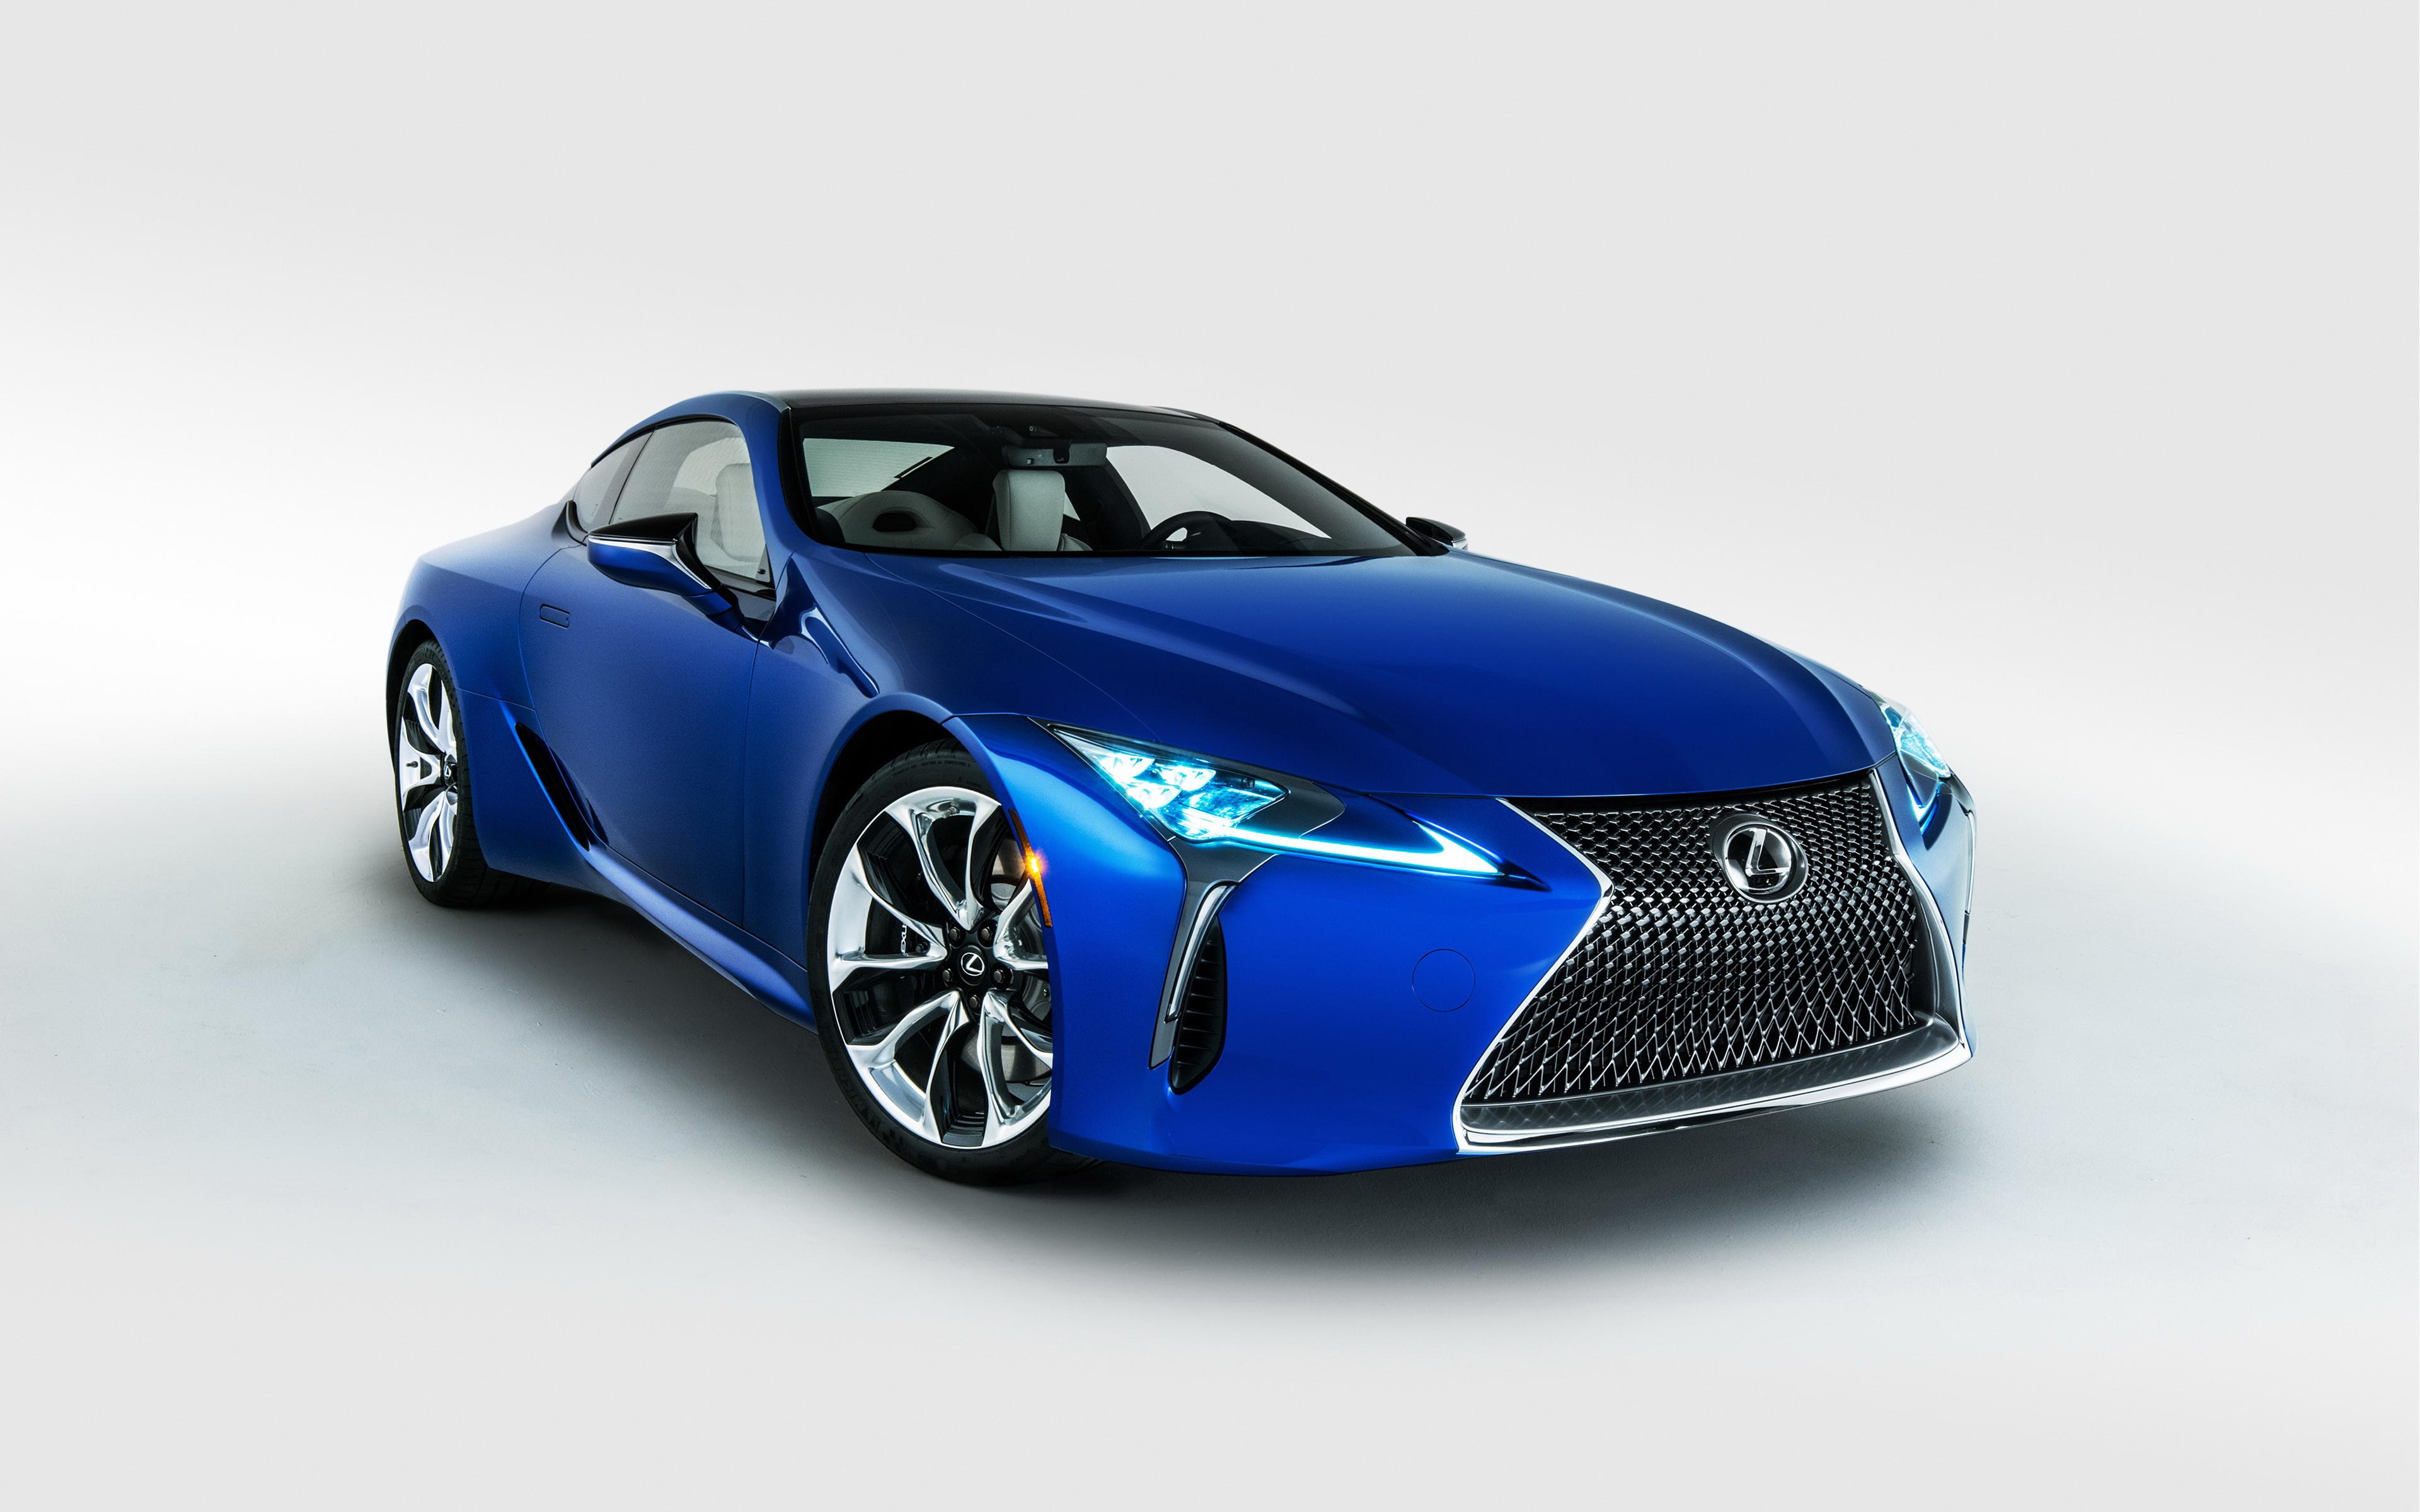 спортивный автомобиль синий Lexus LC скачать